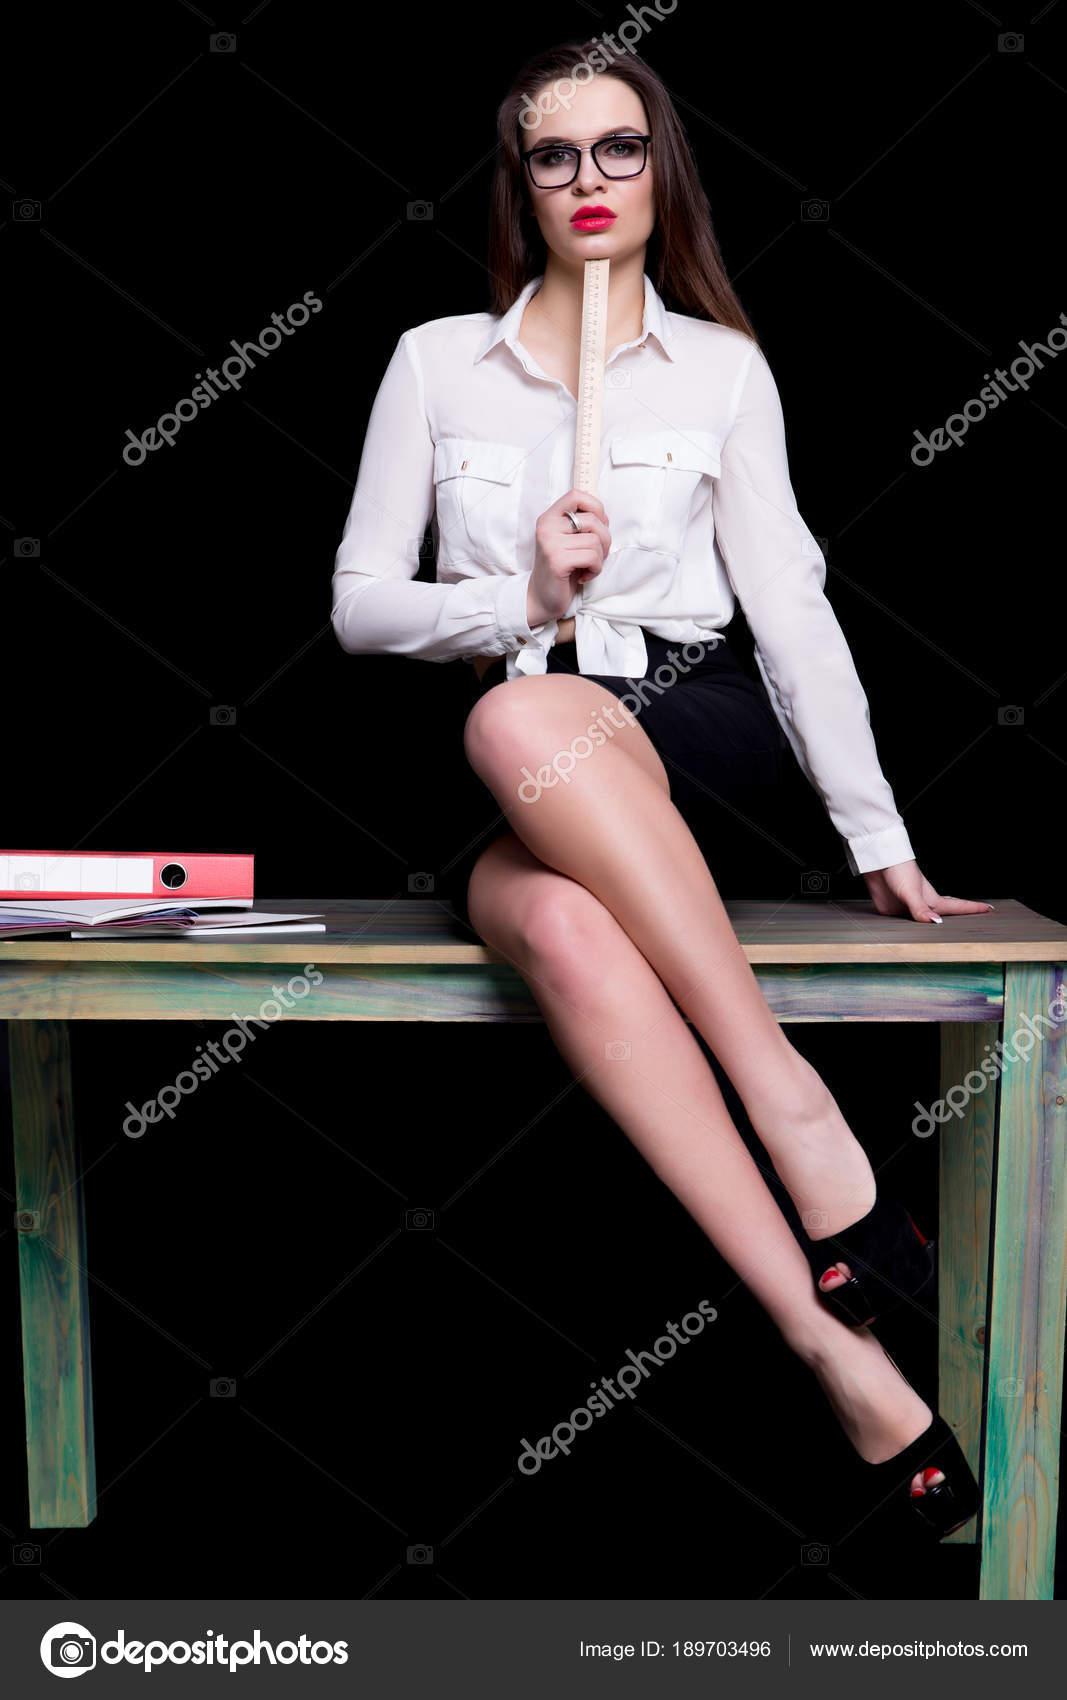 Fondos De Pantalla Sexis Para Pc Profesor Sexy Posando En